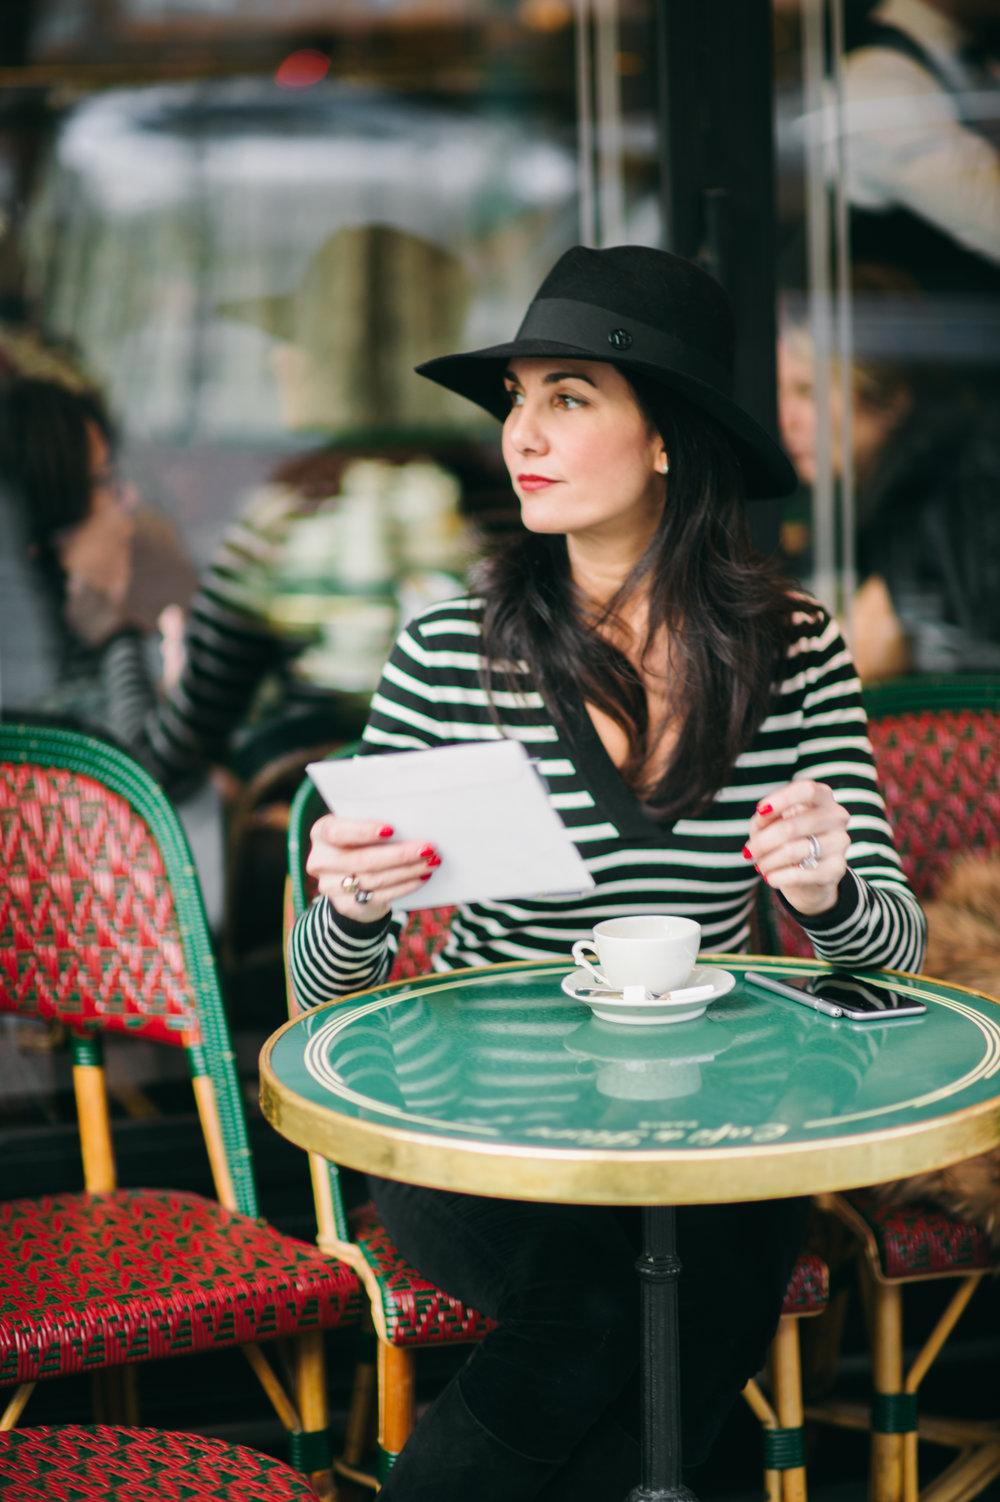 elisabeth-jones-hennessy-cafe-de-flore-paris-st-germain-01